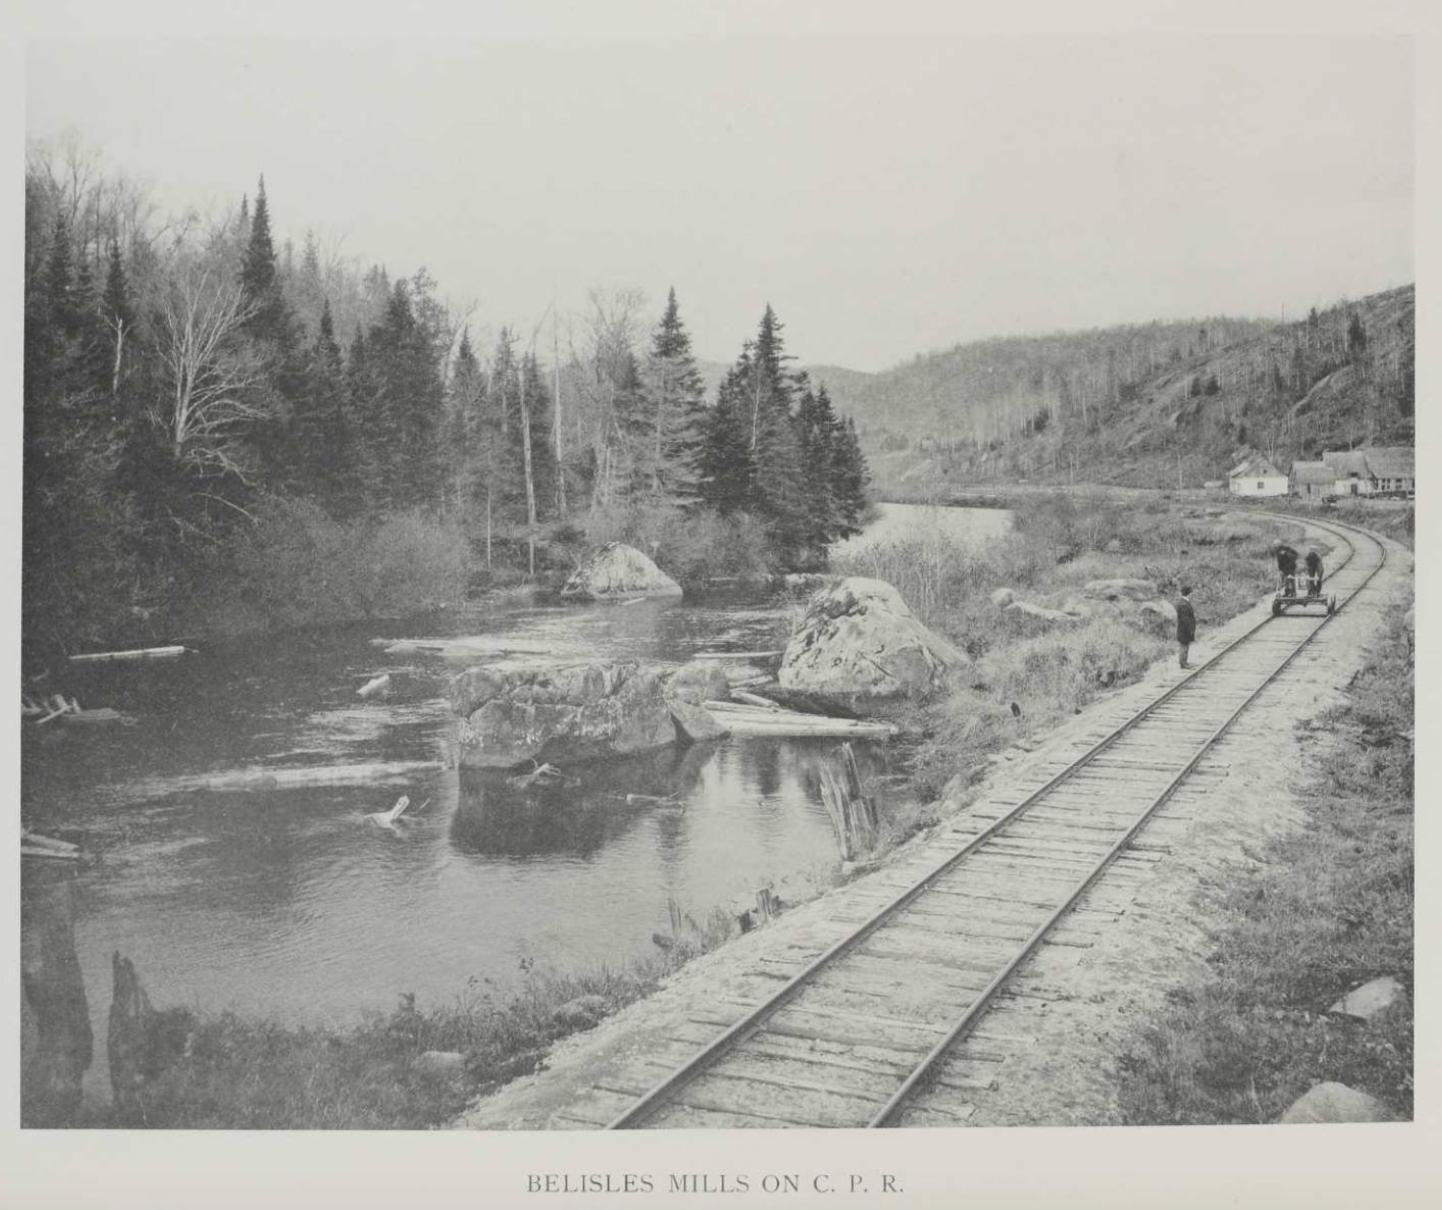 Trois hommes sur la voie ferrée, au bord de la Rivière-du-nord, dans la campagne à proximité du village de Val-David. Un des hommes est debout au bord de la voie ferrée, les deux autres sur un petit wagonnet qui sert à l'entretien des voies.